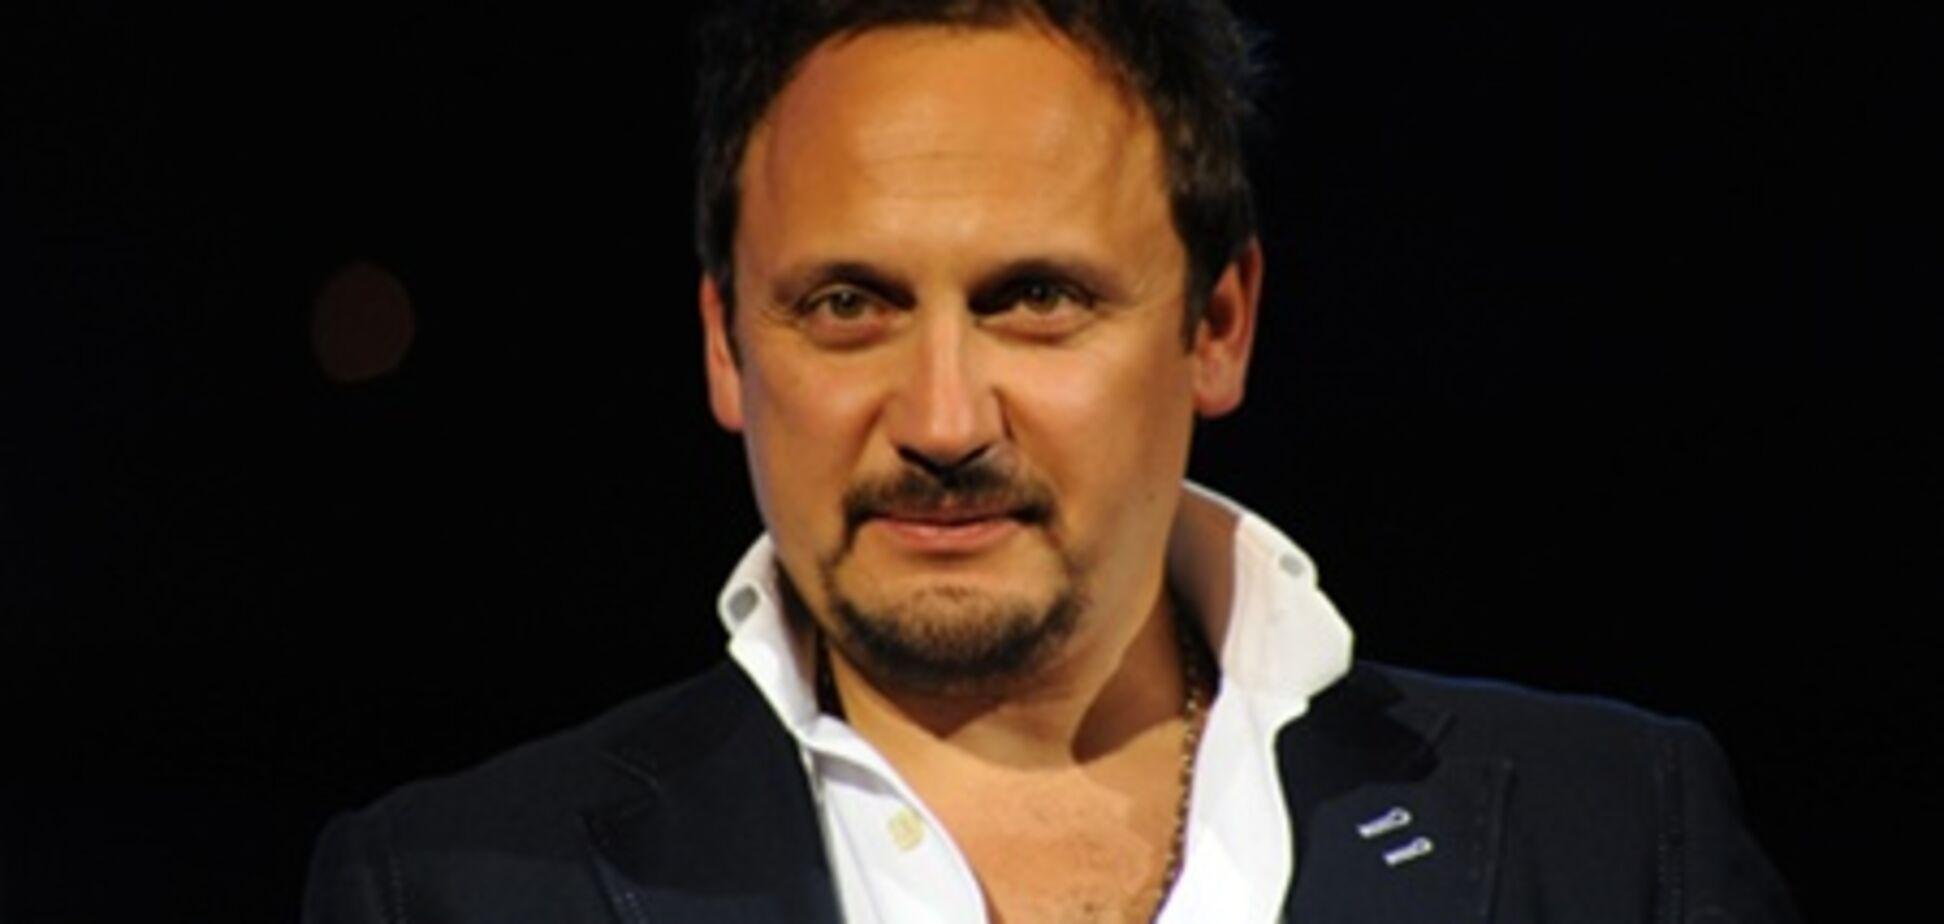 Михайлов обдурив організатора своїх концертів